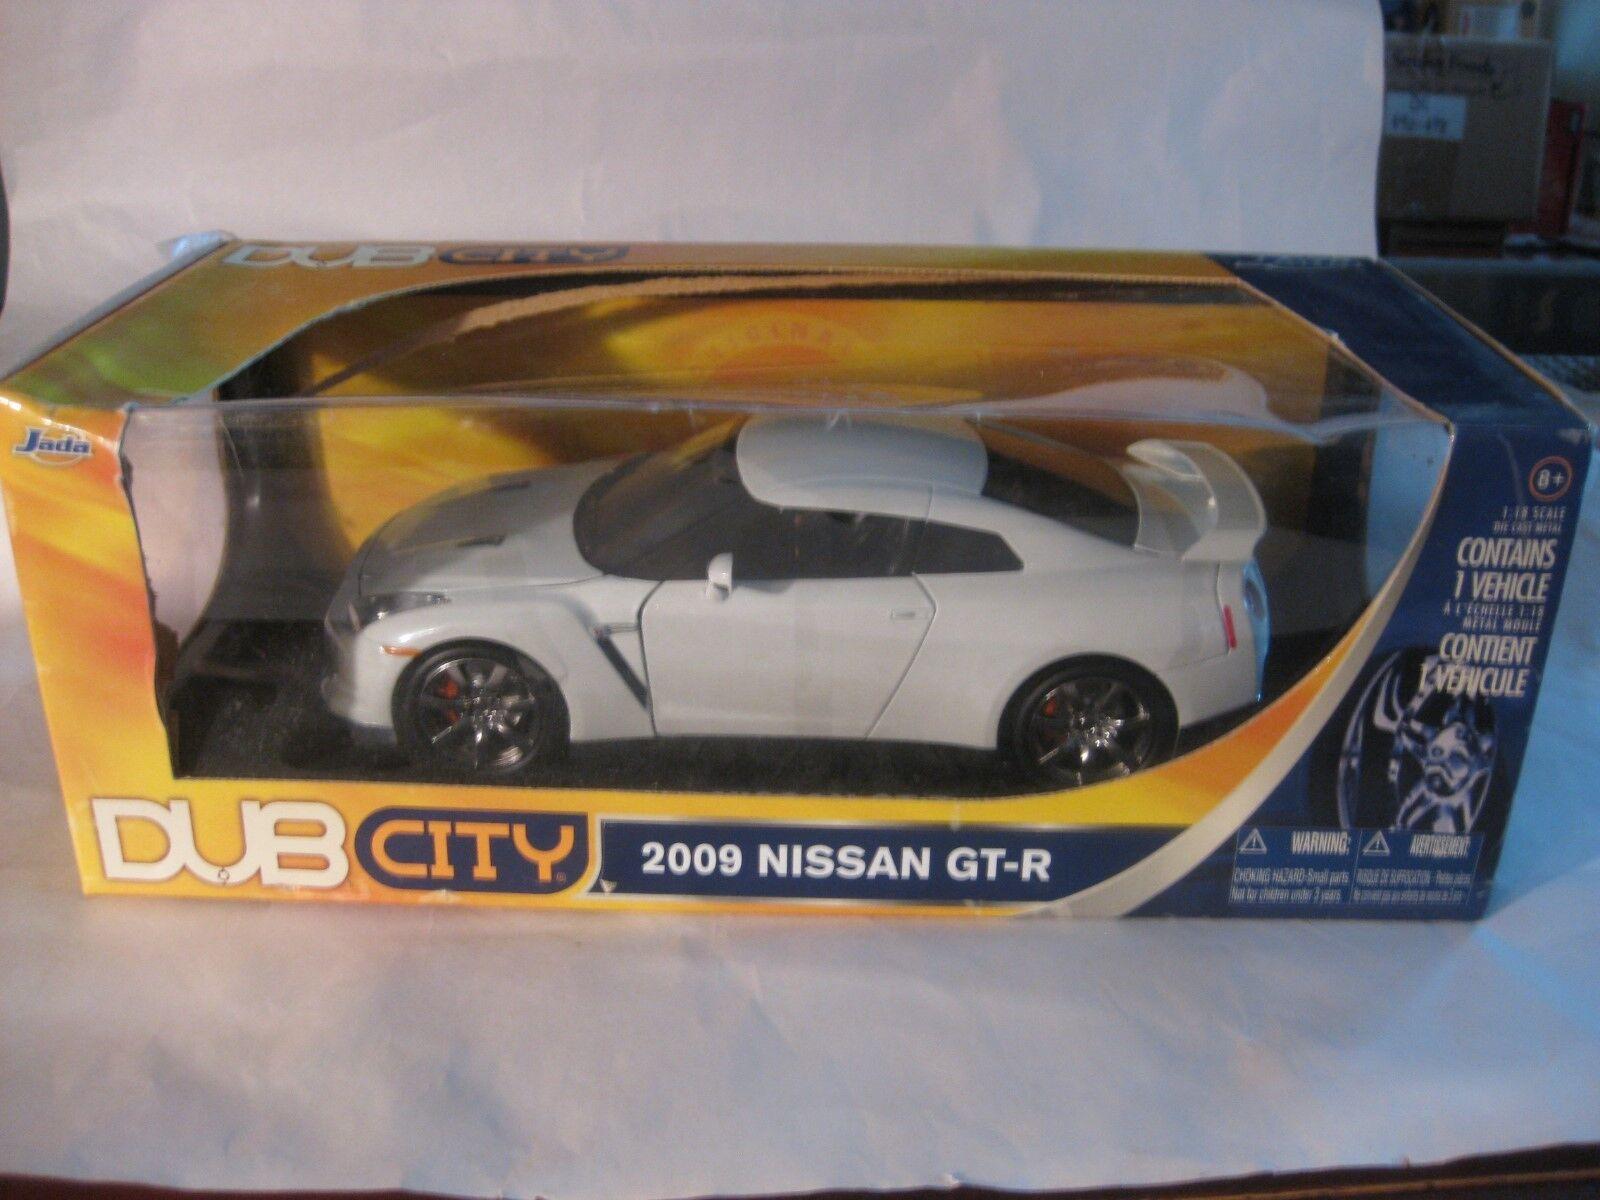 Dub City 2009 Nisson Gt-R dans un Blanc 118 à L'Échelle Miniature de Jada